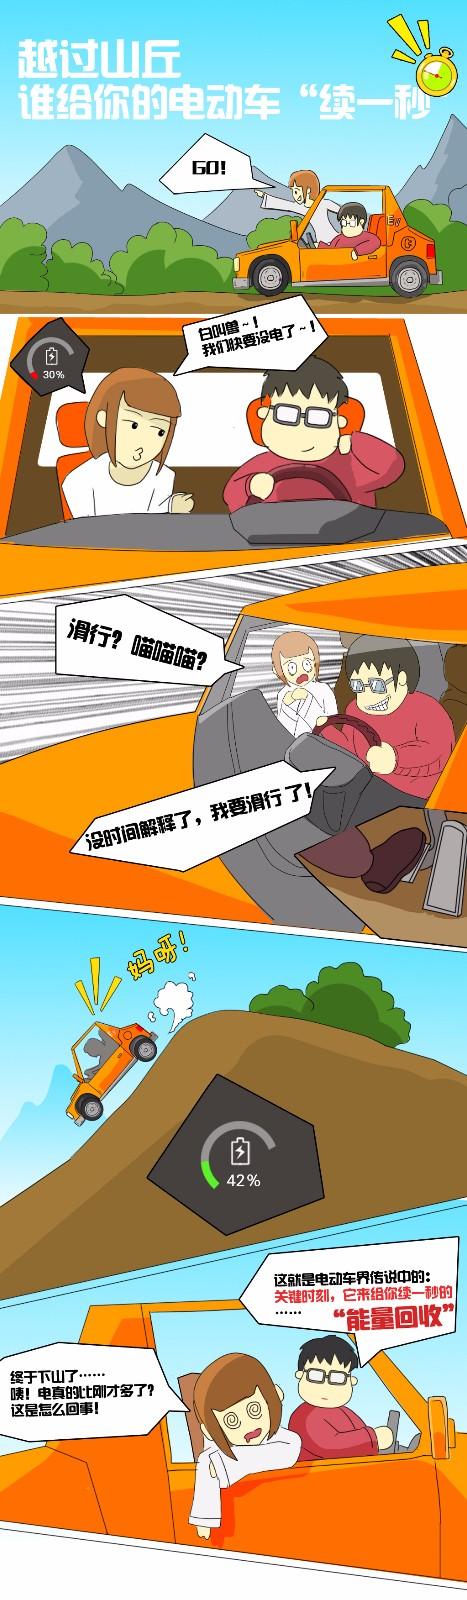 動能回收修改版2.jpg